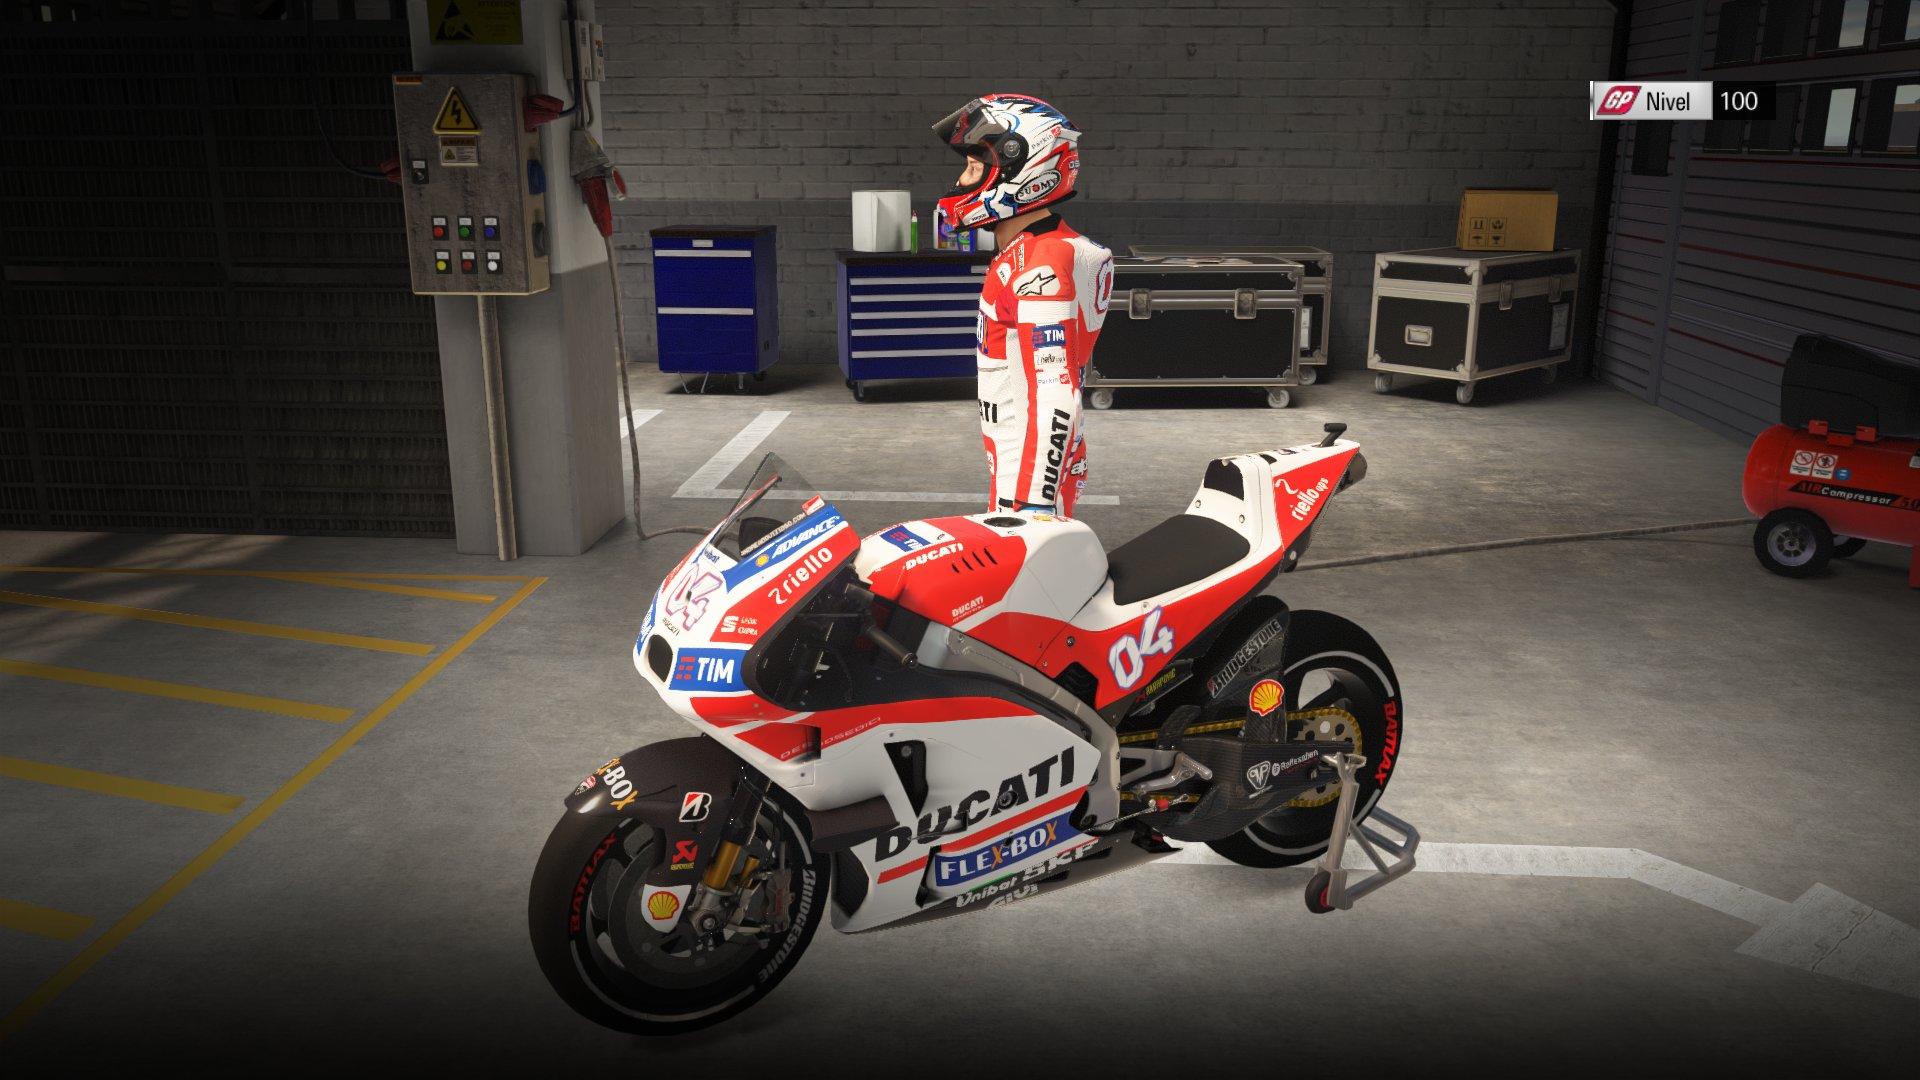 MotoGP15X64_2017-02-02_12-19-25-678.jpg